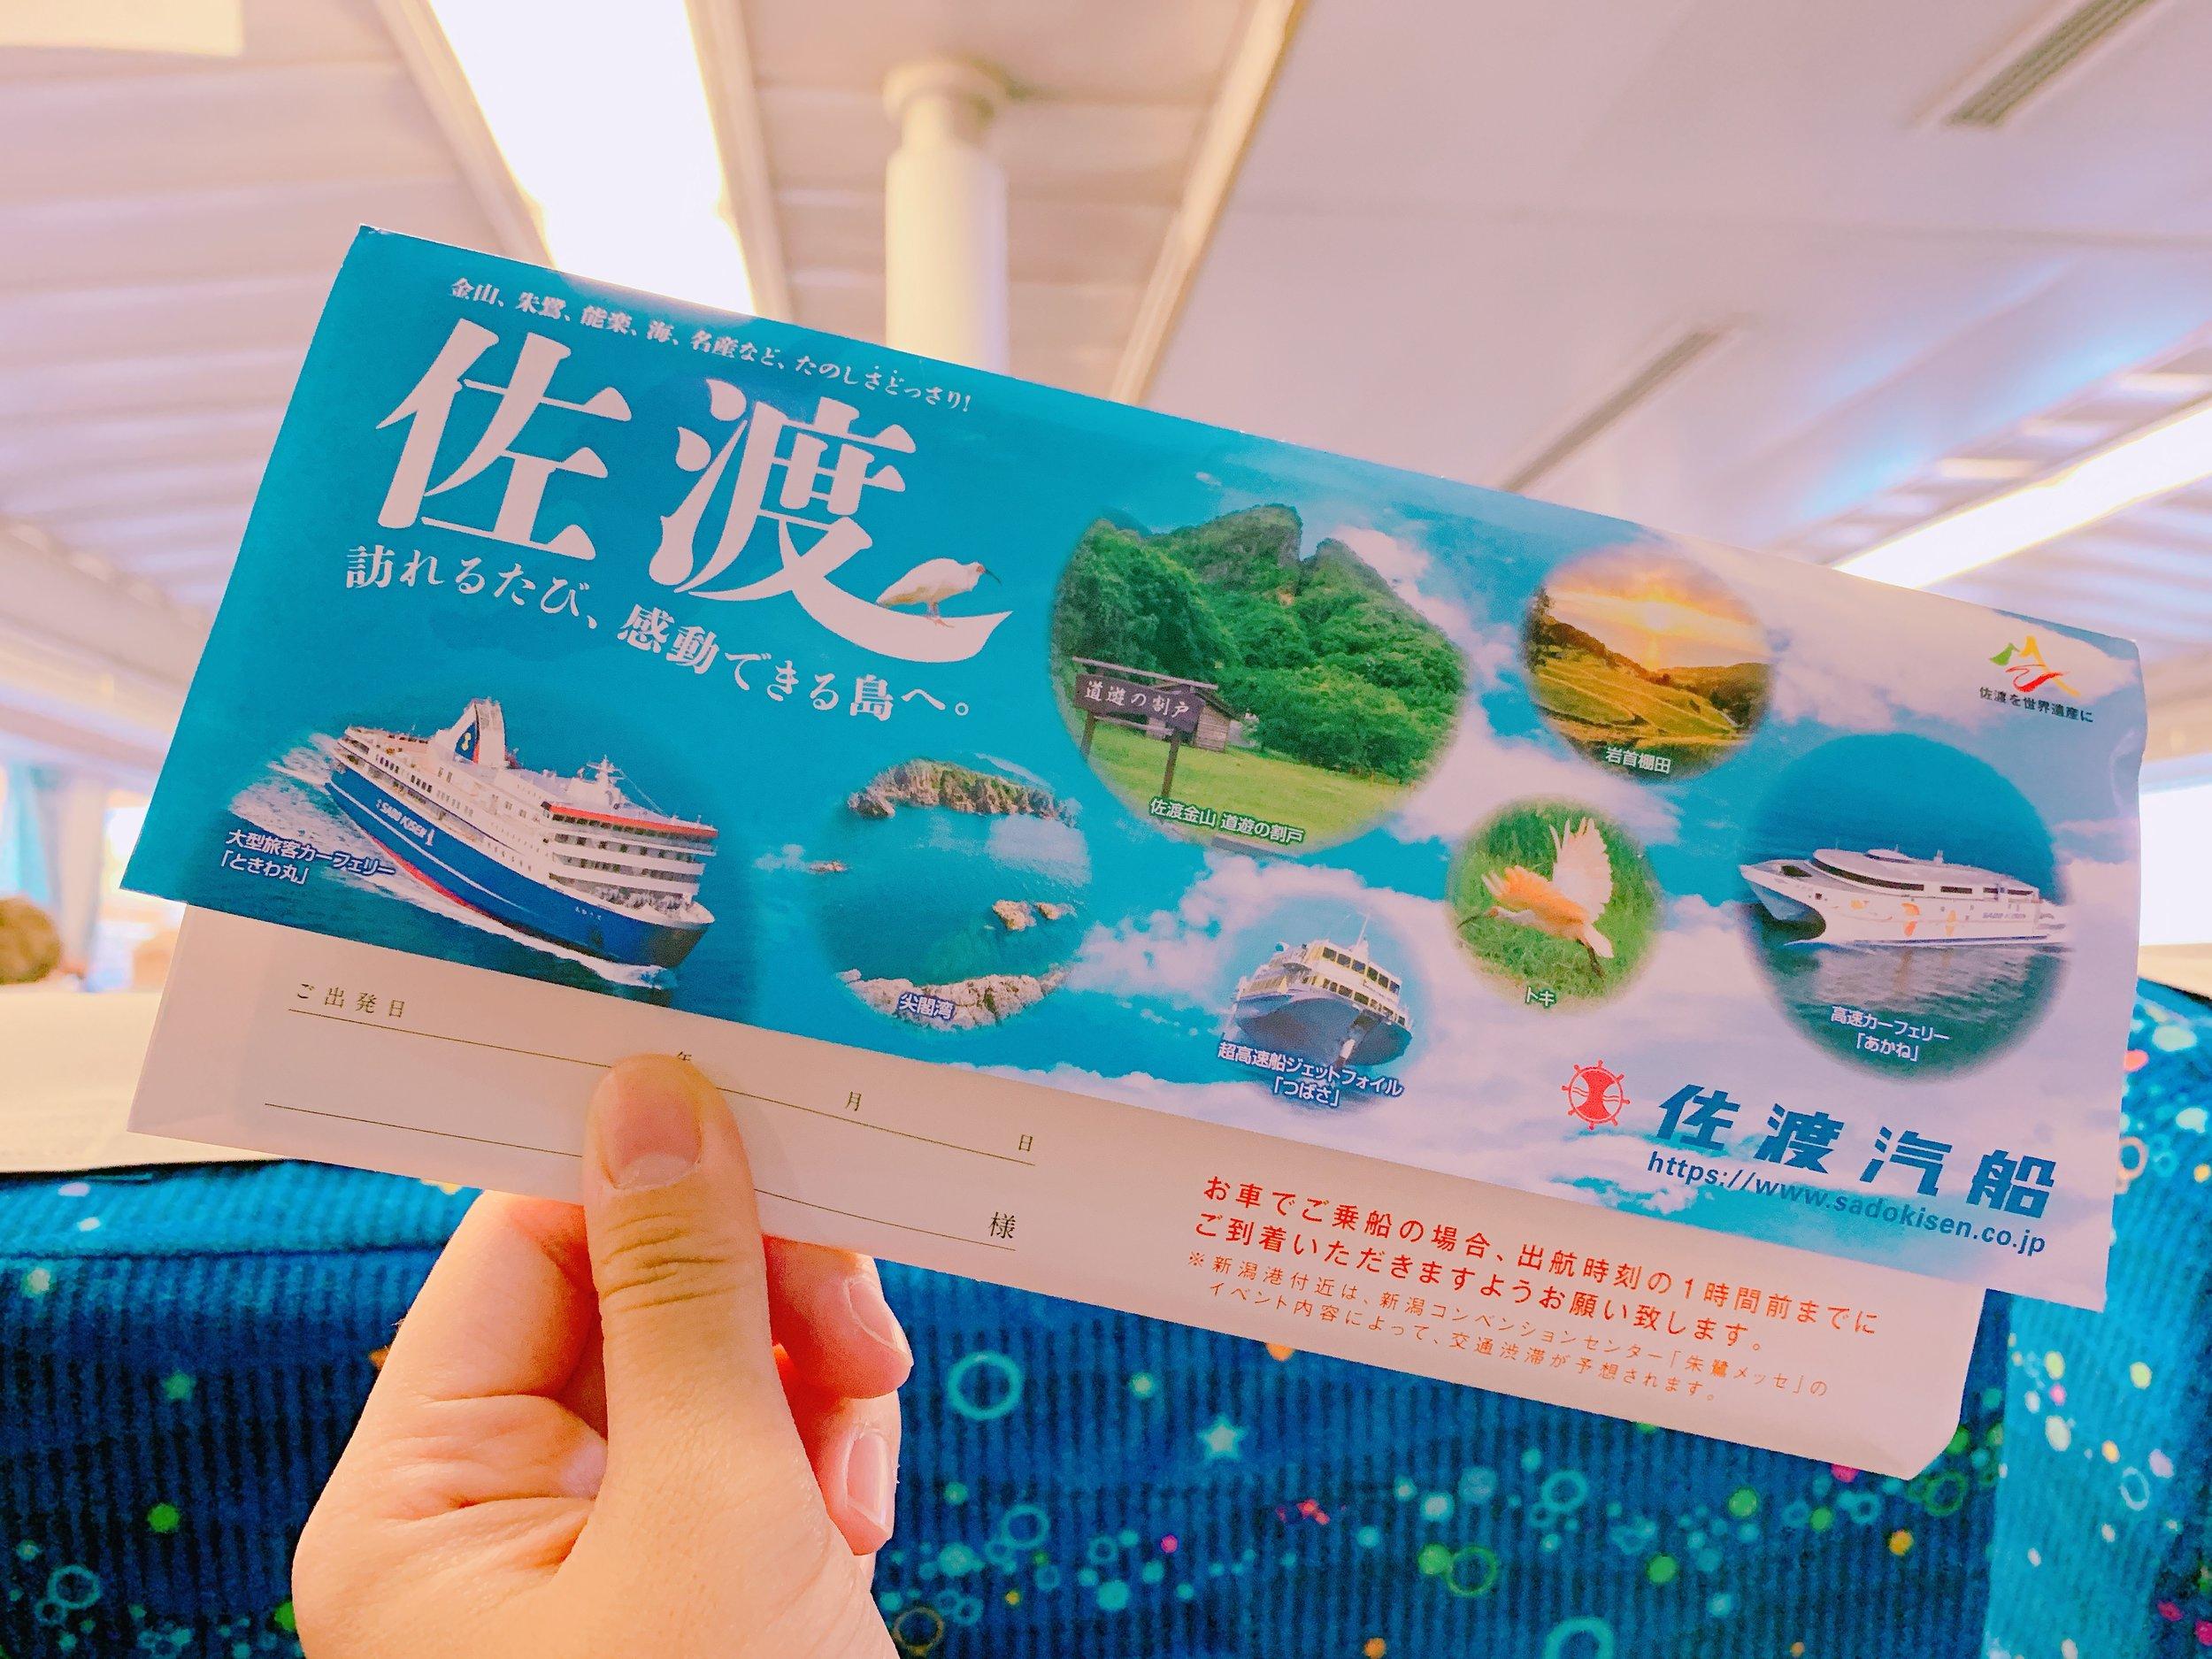 訪れるたび、感動できる島に行ってきます!